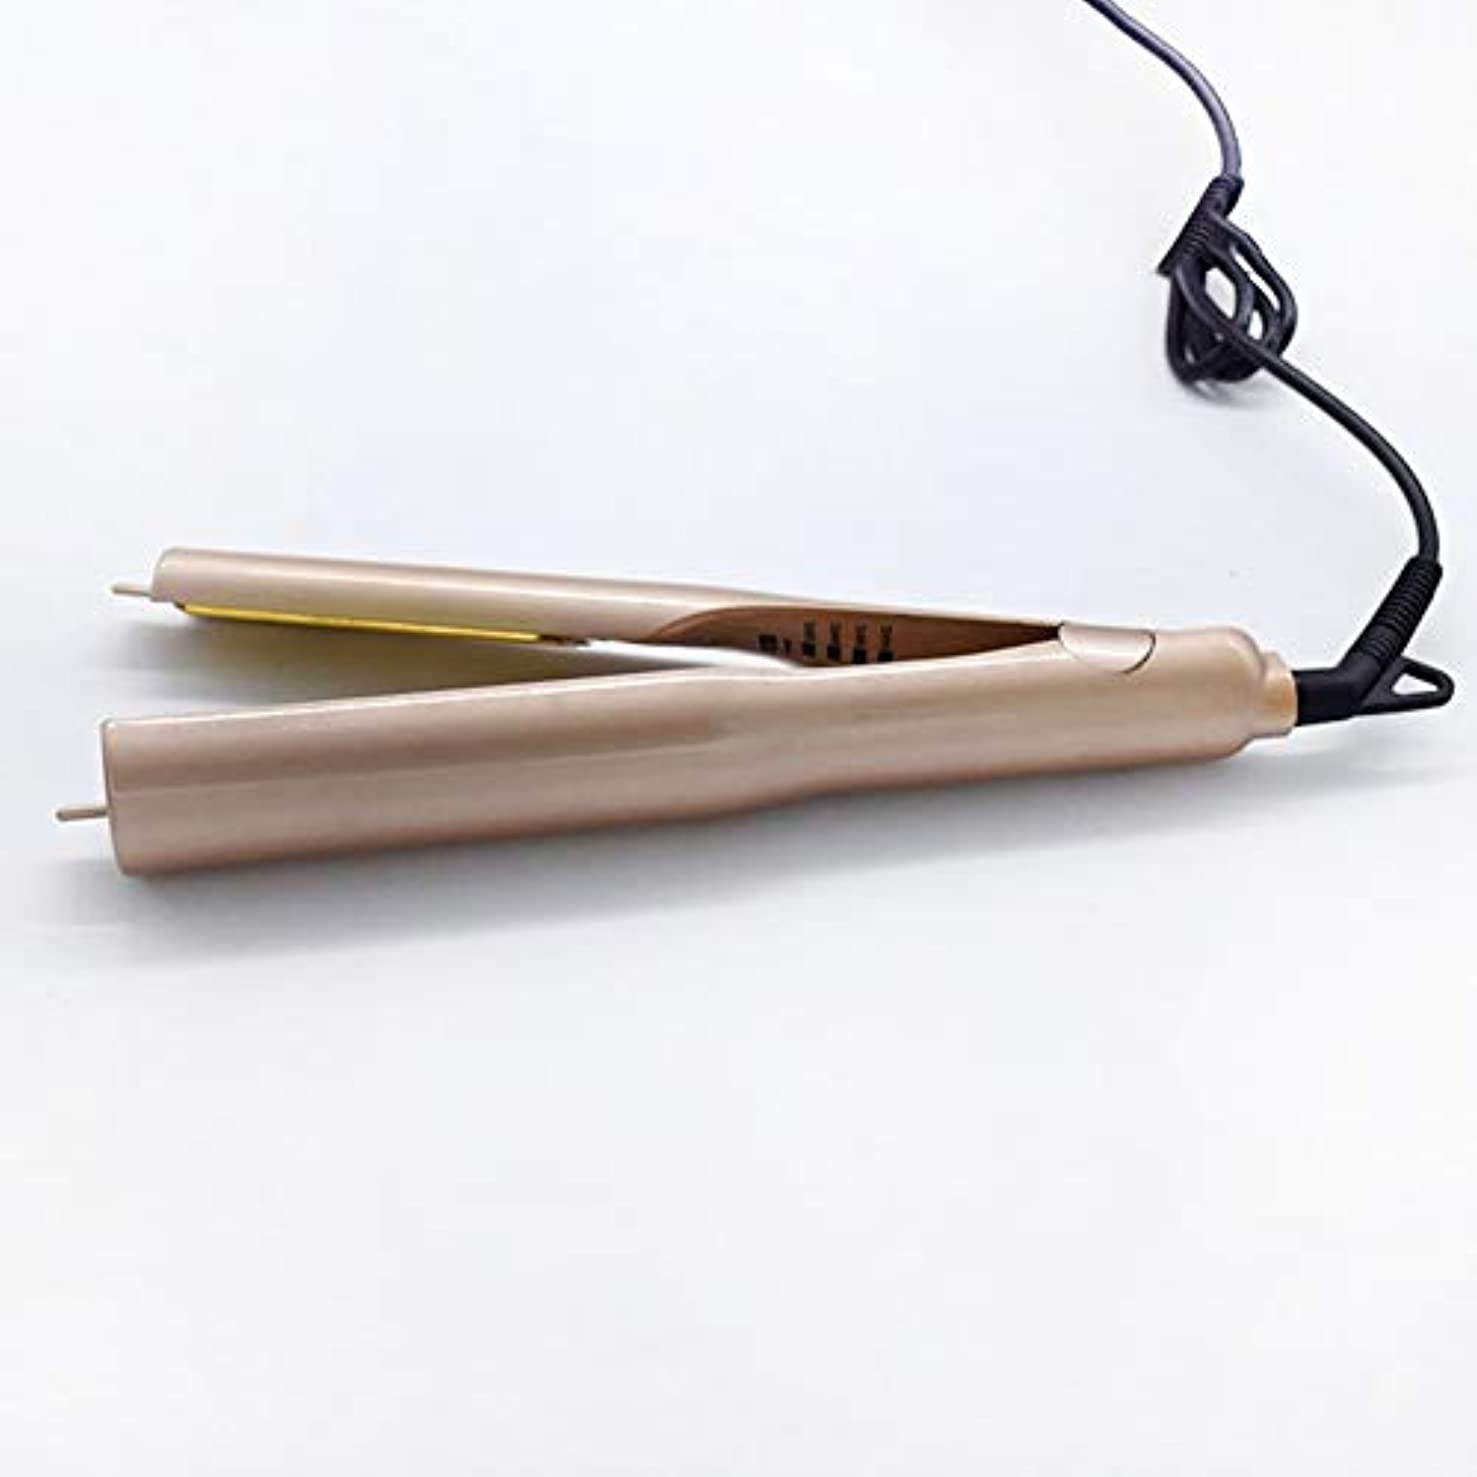 ホールドオール悪化する有彩色のロールストレートデュアルユースウェットアンドドライデュアルユーススピードホットヘアストレートナーテール回転可能なセラミックヒーターチューブは、あらゆる種類のヘアゴールドギフトバッグに適した髪を傷つけることなく持ち運びが簡単